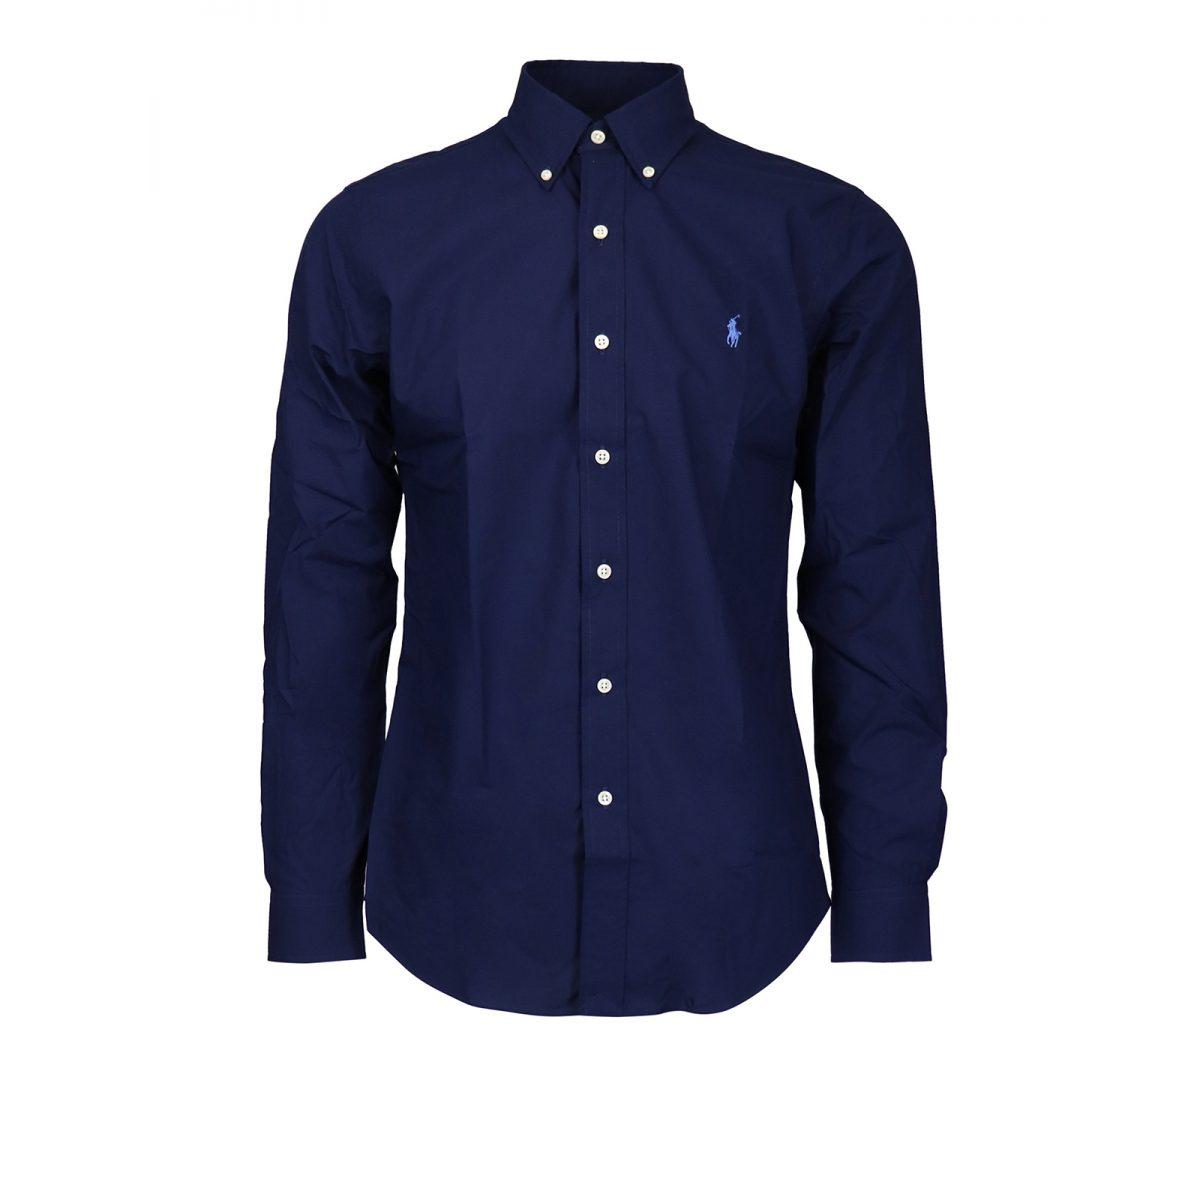 polo ralph lauren shirts navy cotton shirt 00000199746f00s011